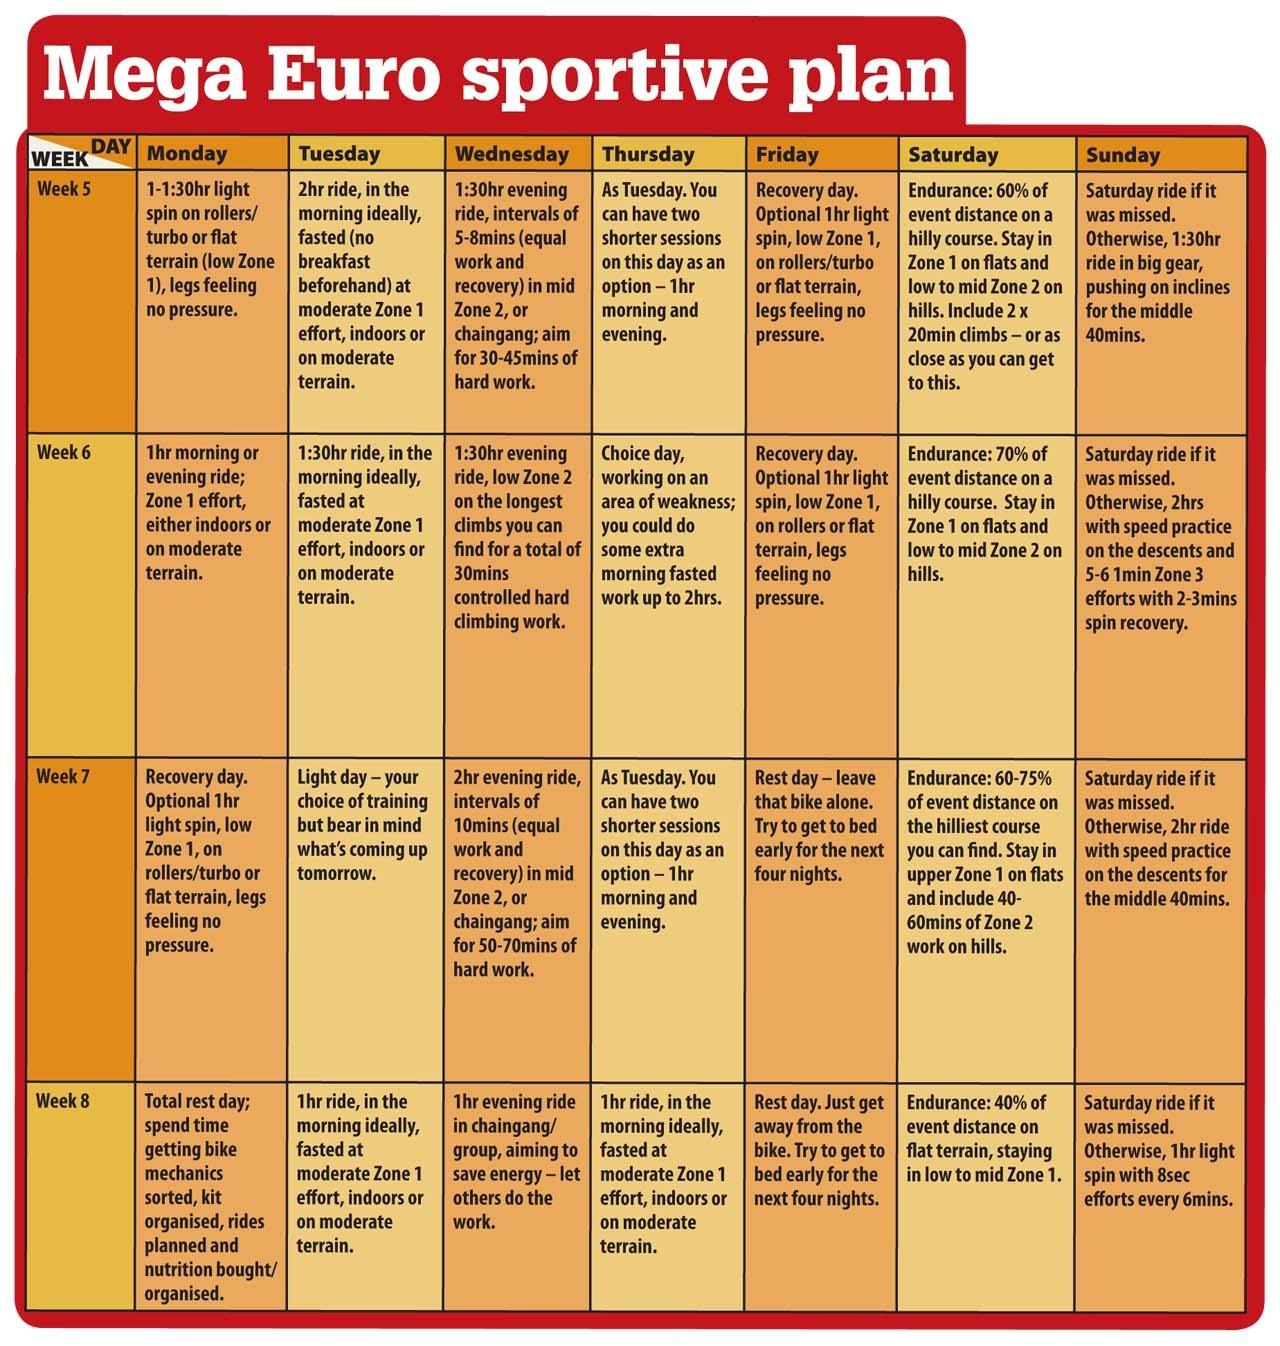 Mega Euro sportive plan